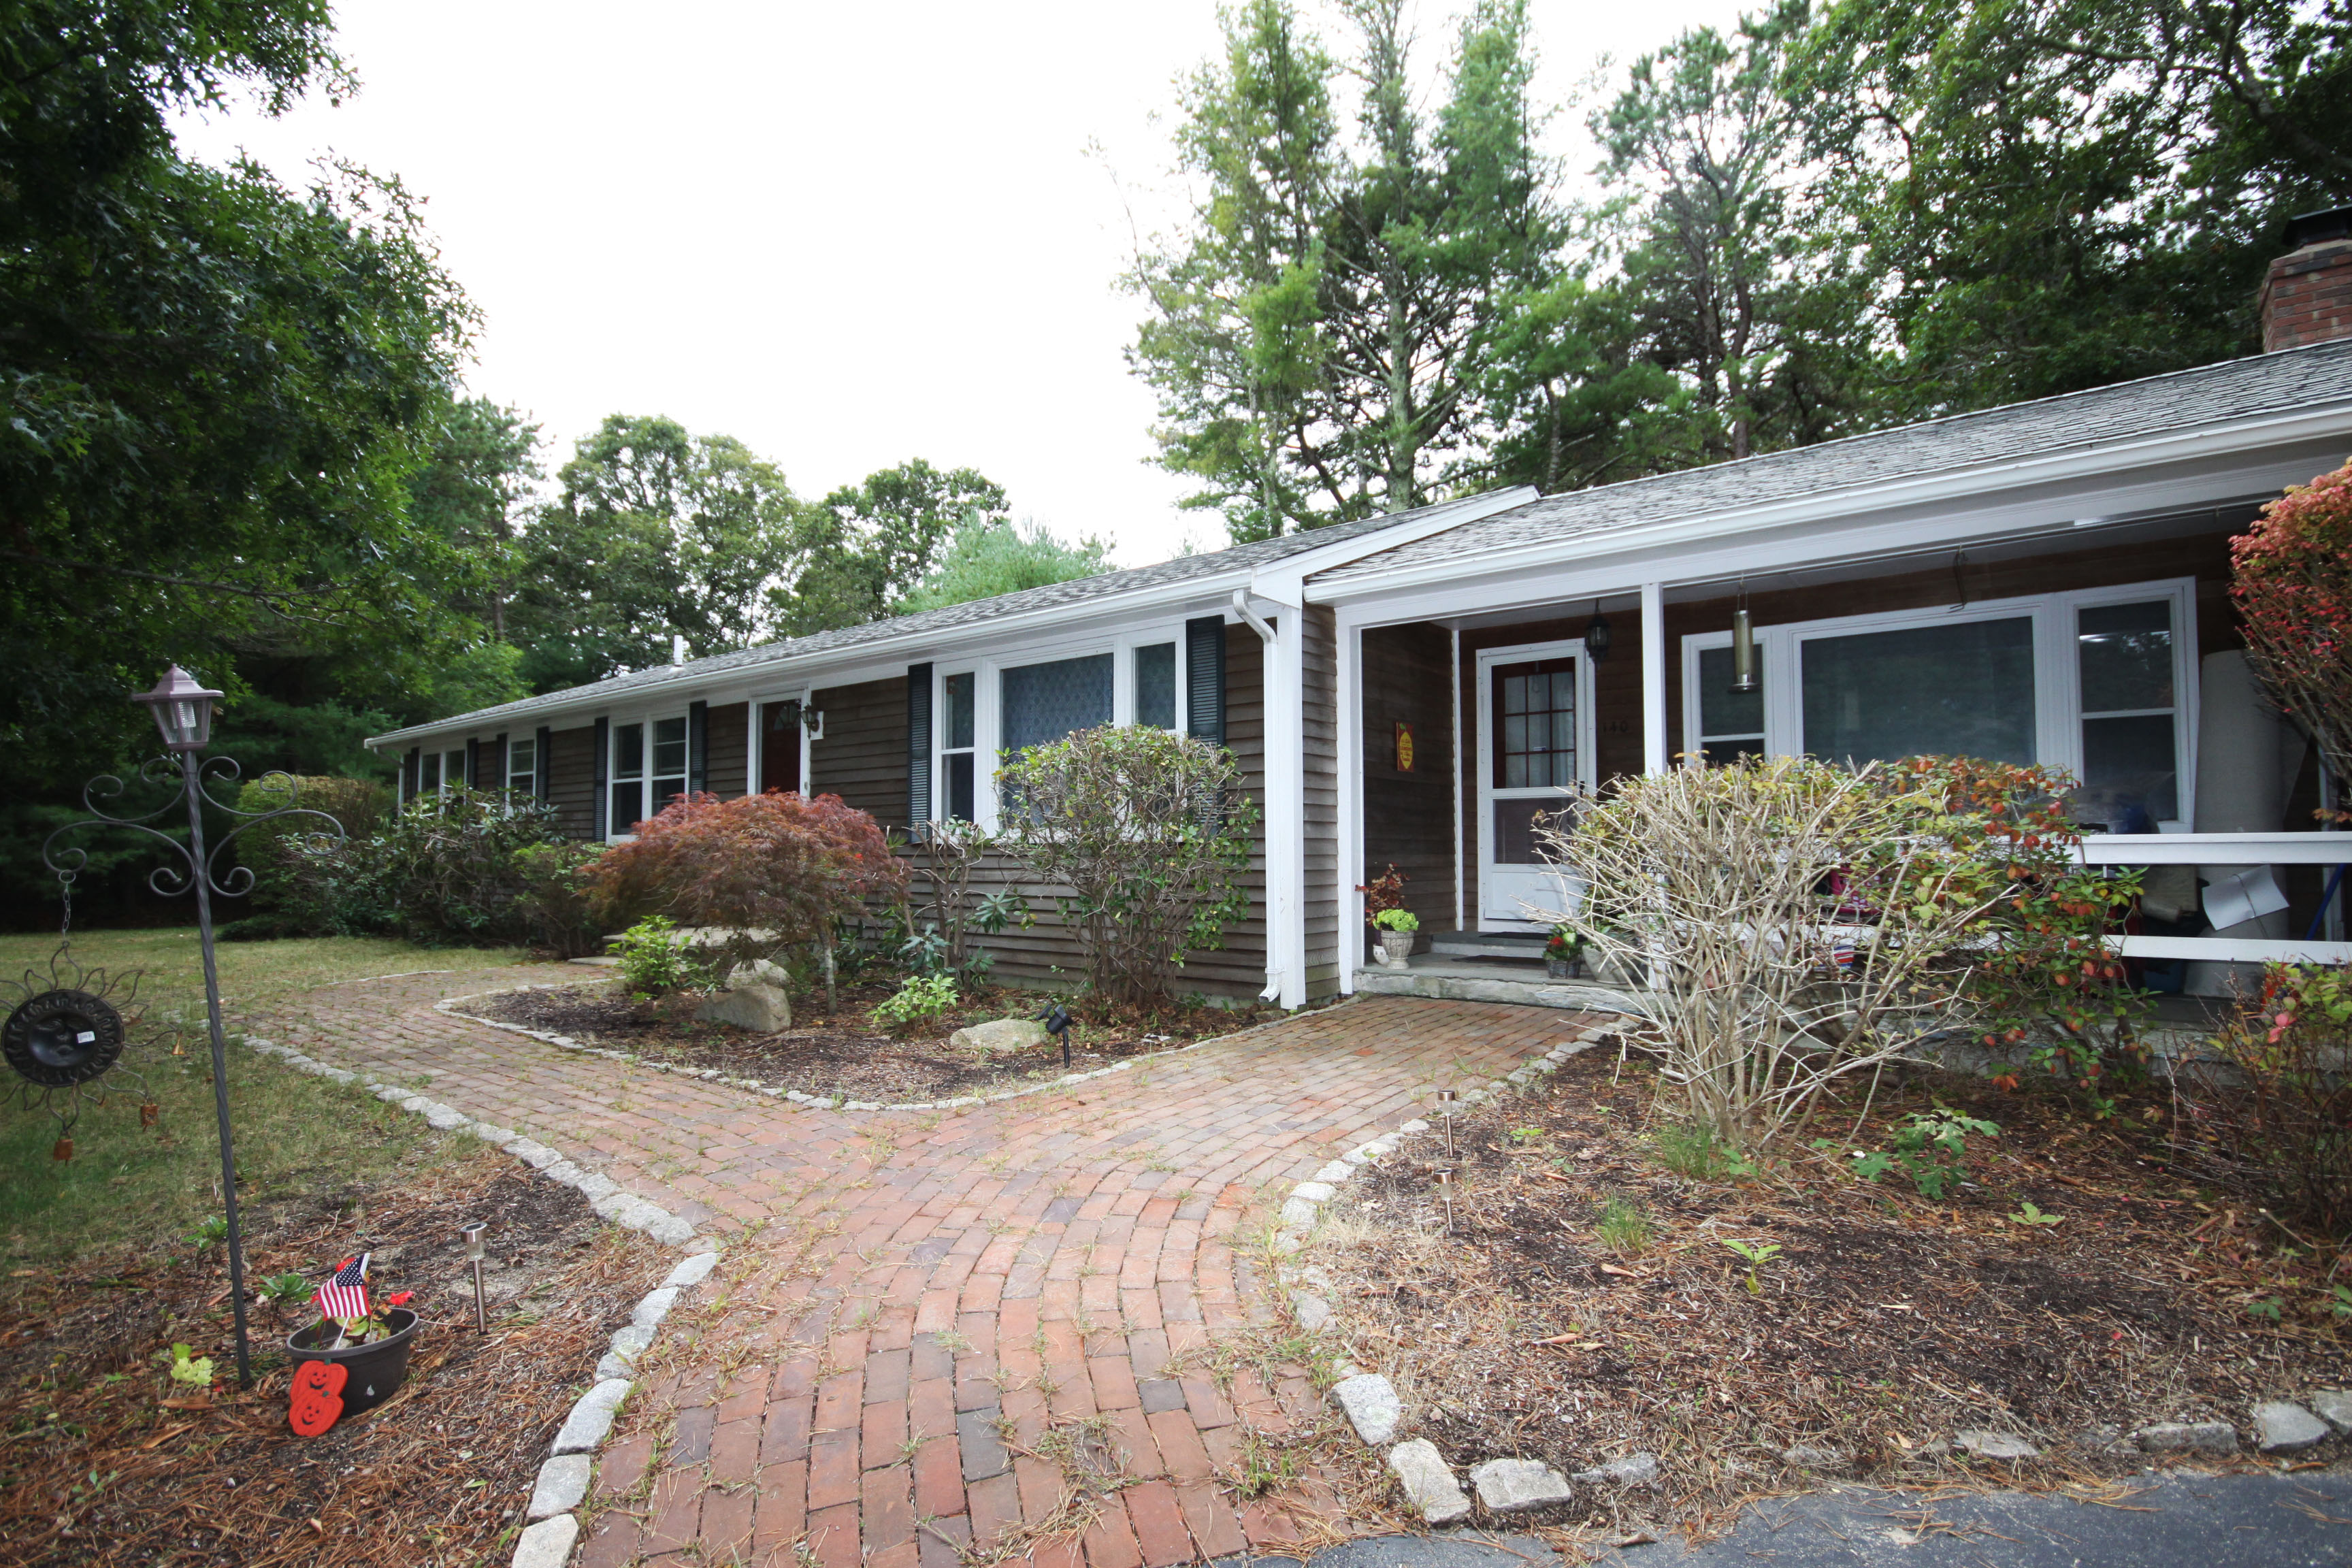 Casa Unifamiliar por un Venta en FAMILY NEIGHBORHOOD 140 Cap'n Samadrus Road Cotuit, Massachusetts, 02635 Estados UnidosEn/Alrededor: Barnstable